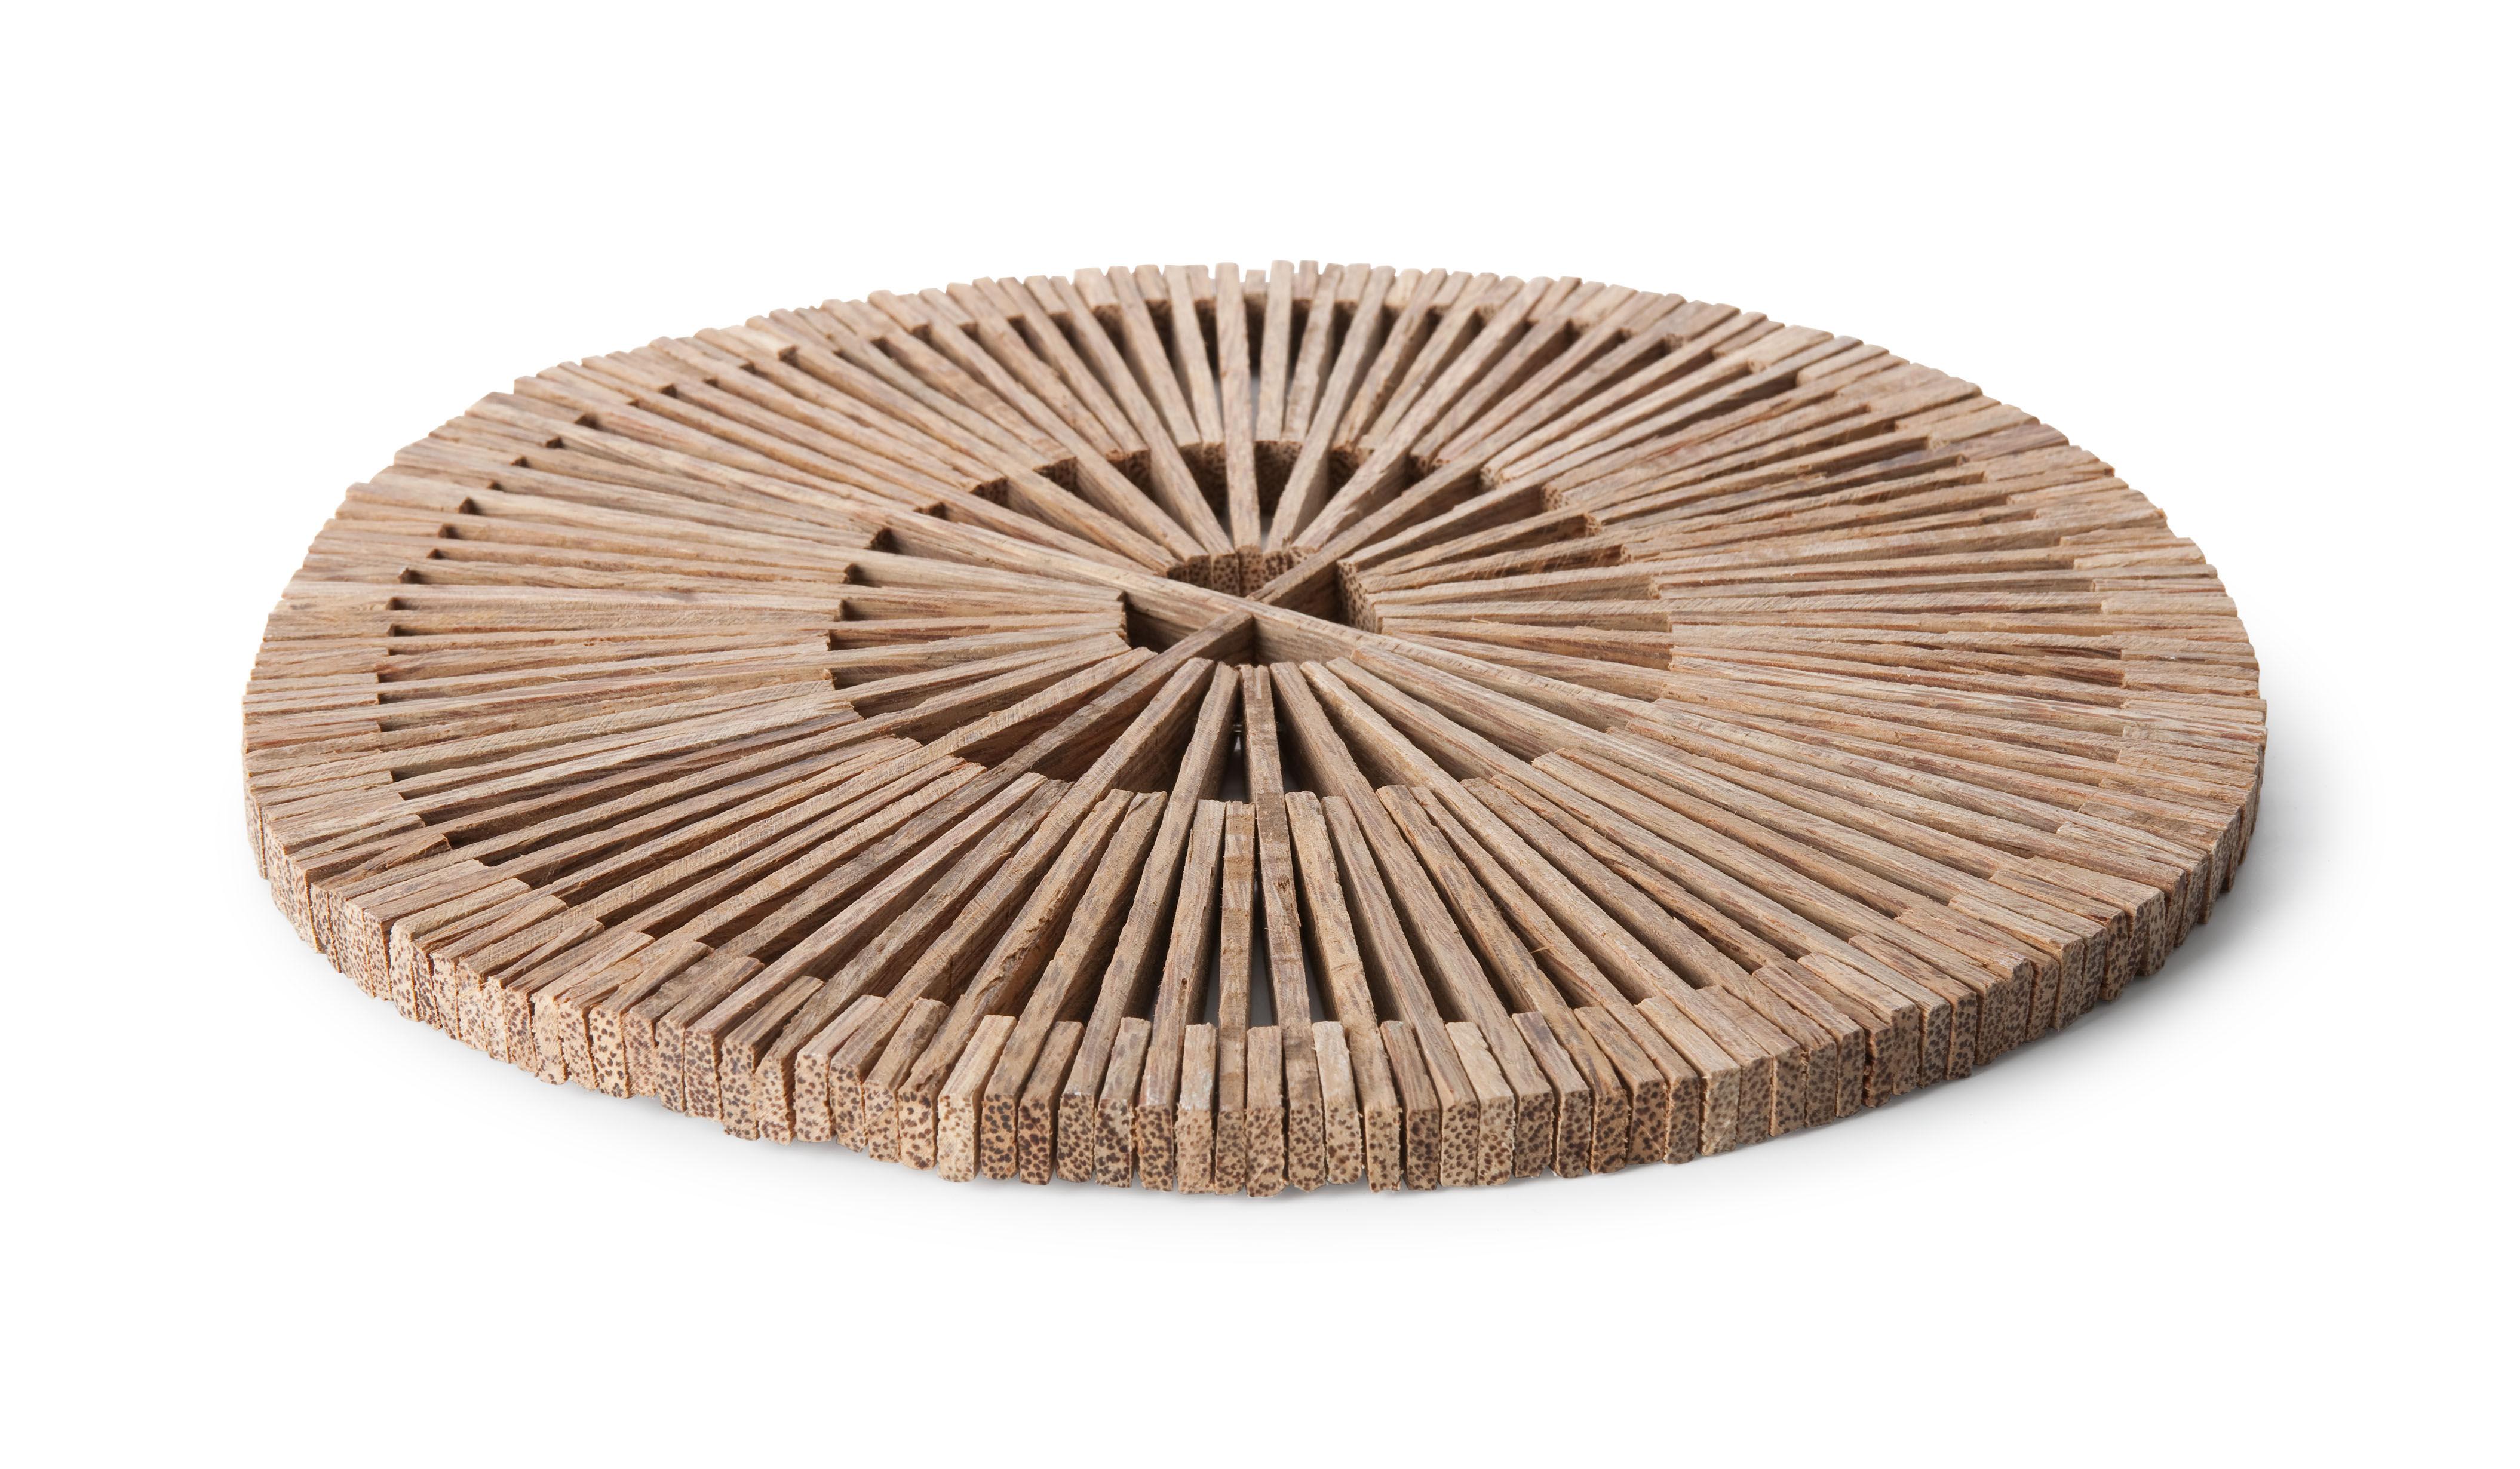 Arts de la table - Dessous de plat - Dessous de plat Basket Ø 28 cm - Fair Trade original - Pop Corn - Naturel - Dessous de plat - Bois de palmier